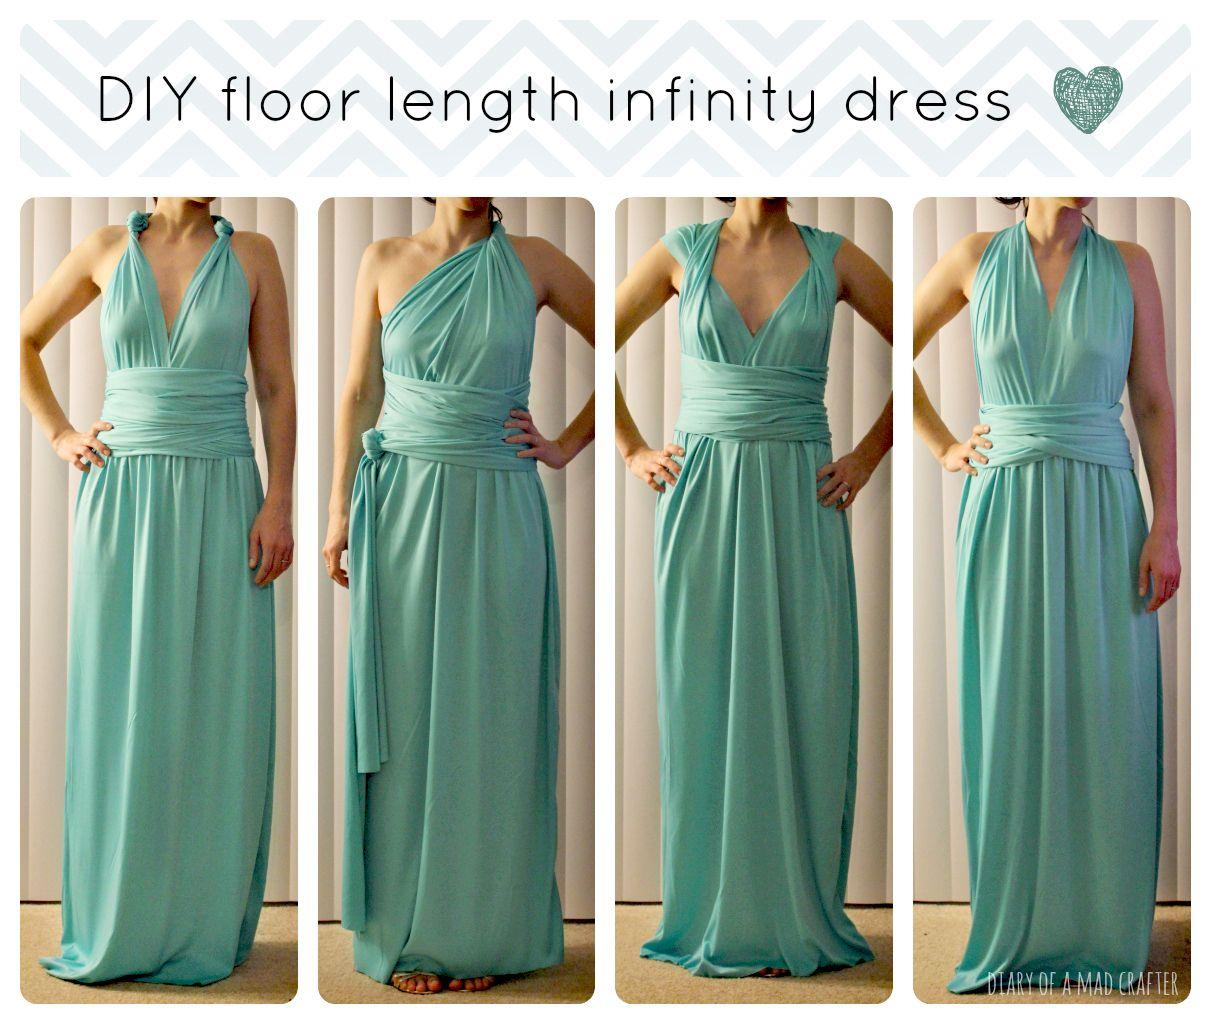 DIY Floor Length Infinity Dress | Nähen, Umstandsmode und Für mama